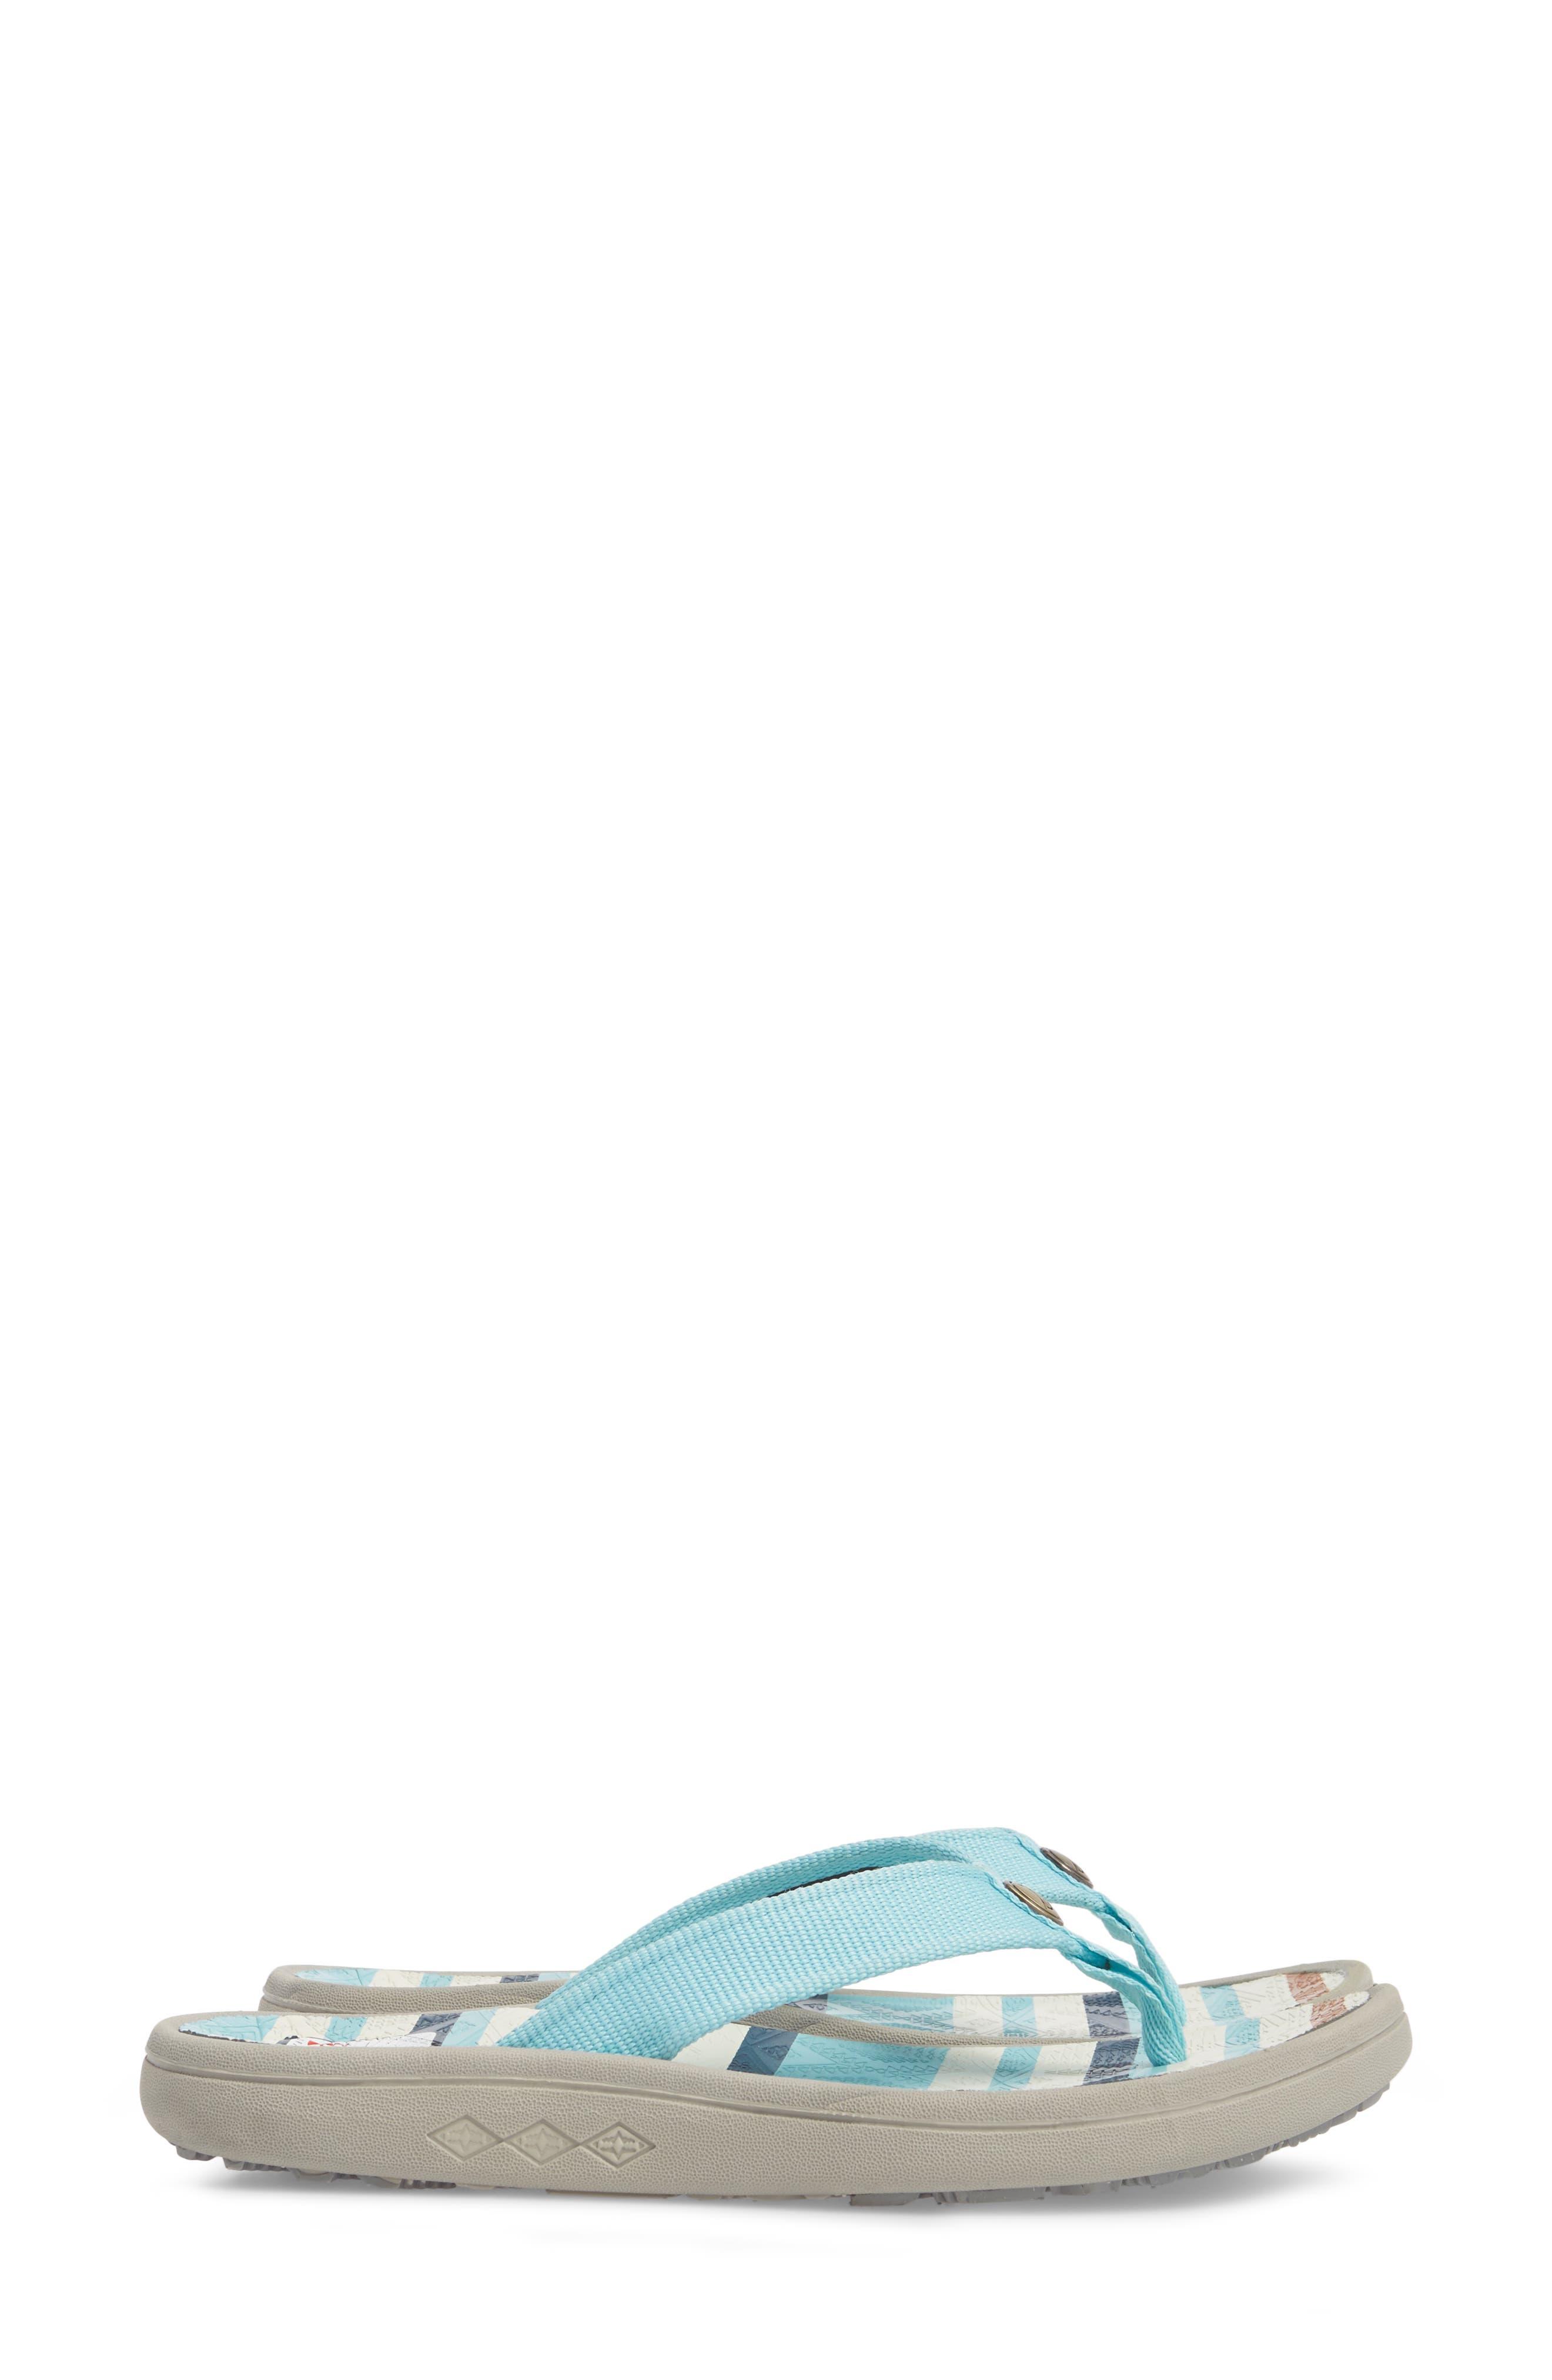 Pendleton Surf Stripe Flip Flop,                             Alternate thumbnail 4, color,                             AQUA